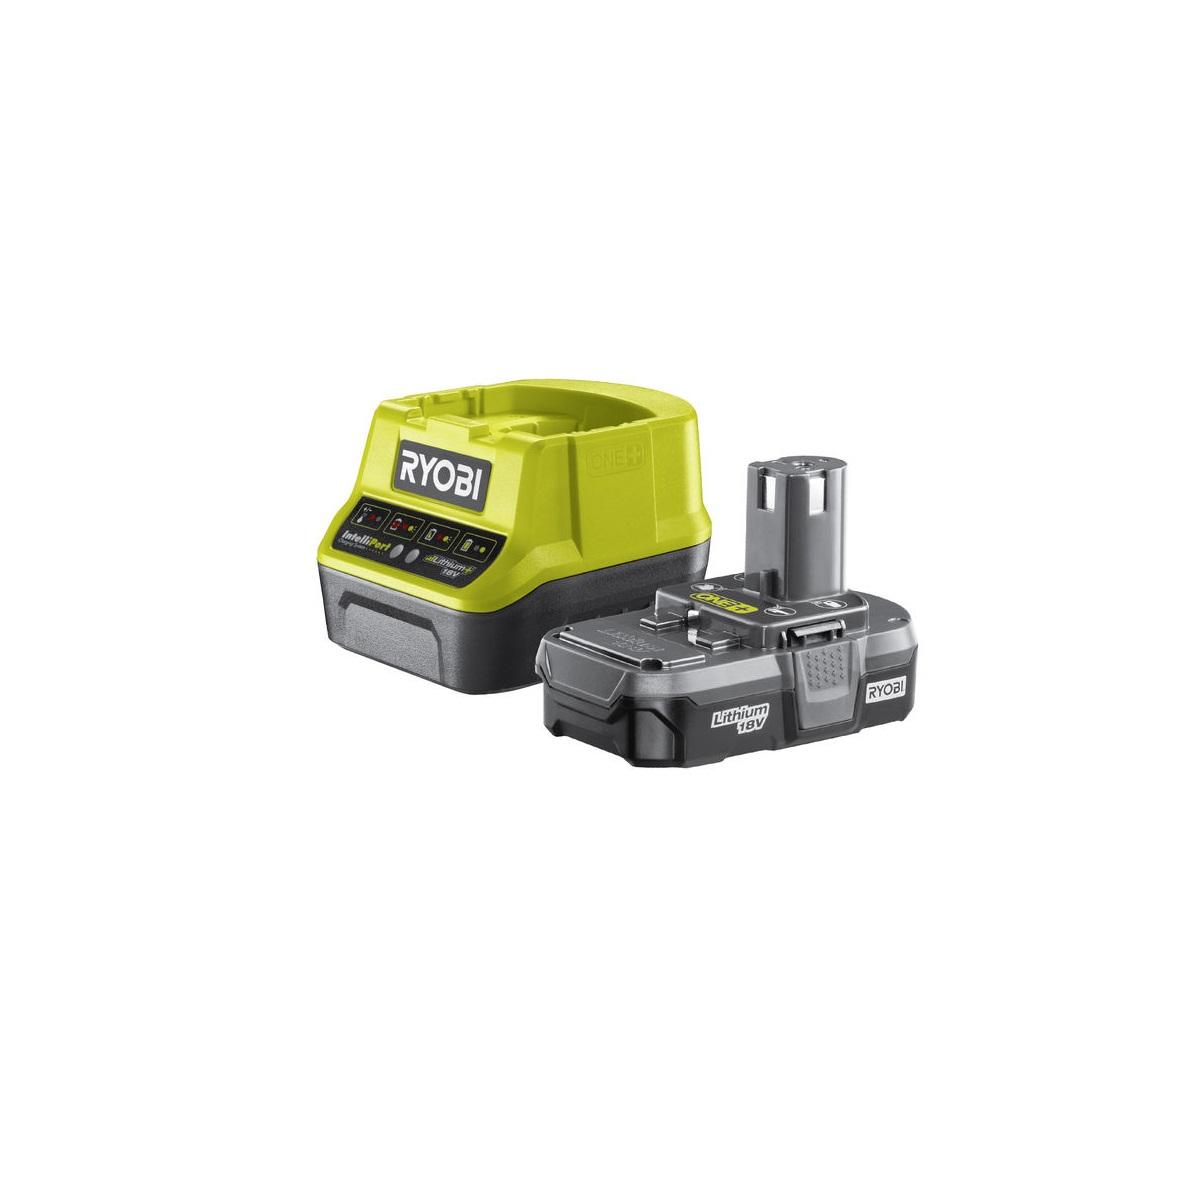 Ryobi RC18120-113, sada 18 V lithium iontová baterie 1,3 Ah s nabíječkou RC18120 ONE+